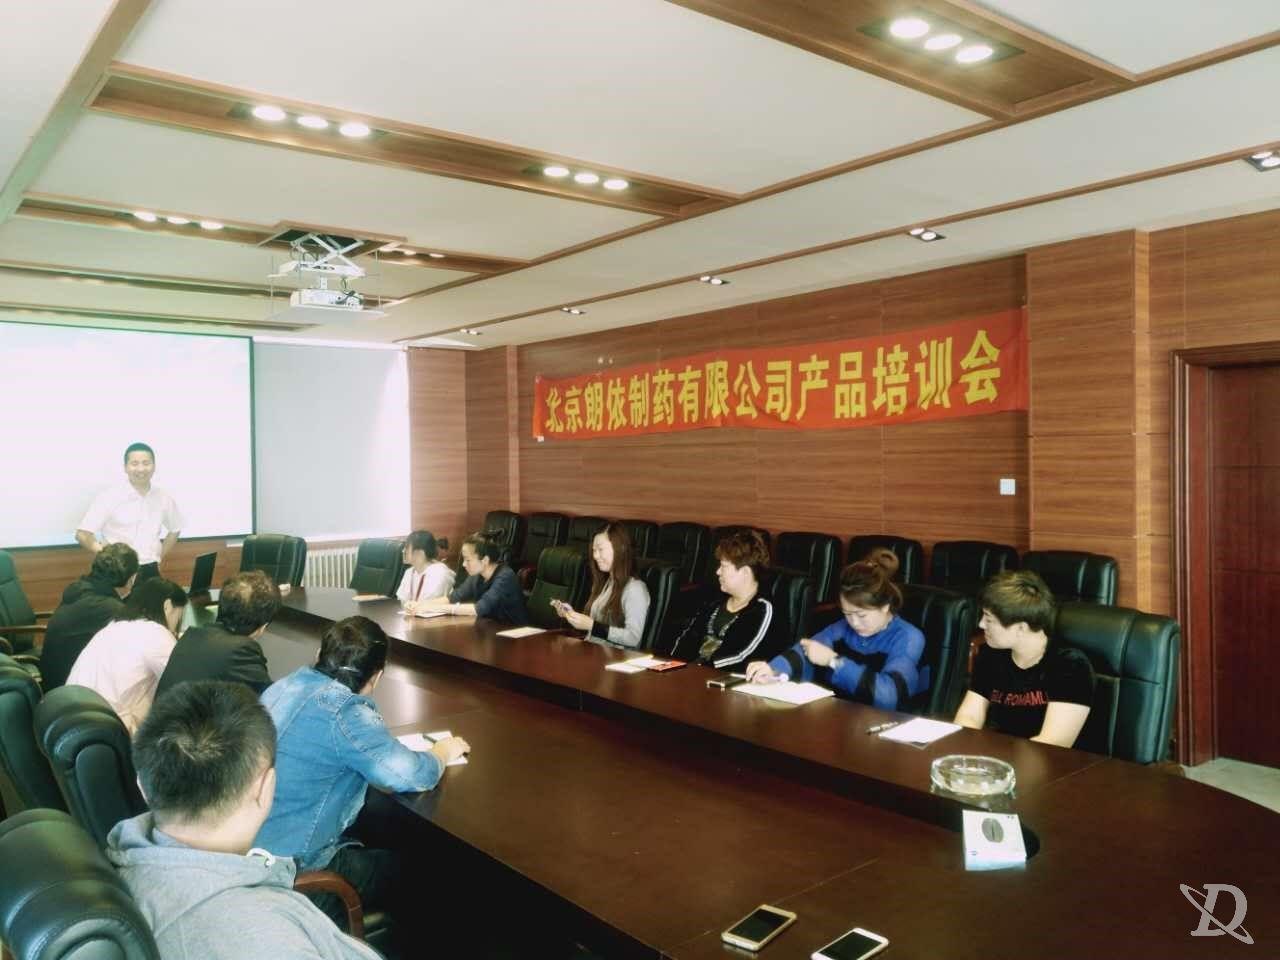 北京朗依制药大讲堂之产品培训会 ——内蒙通辽站